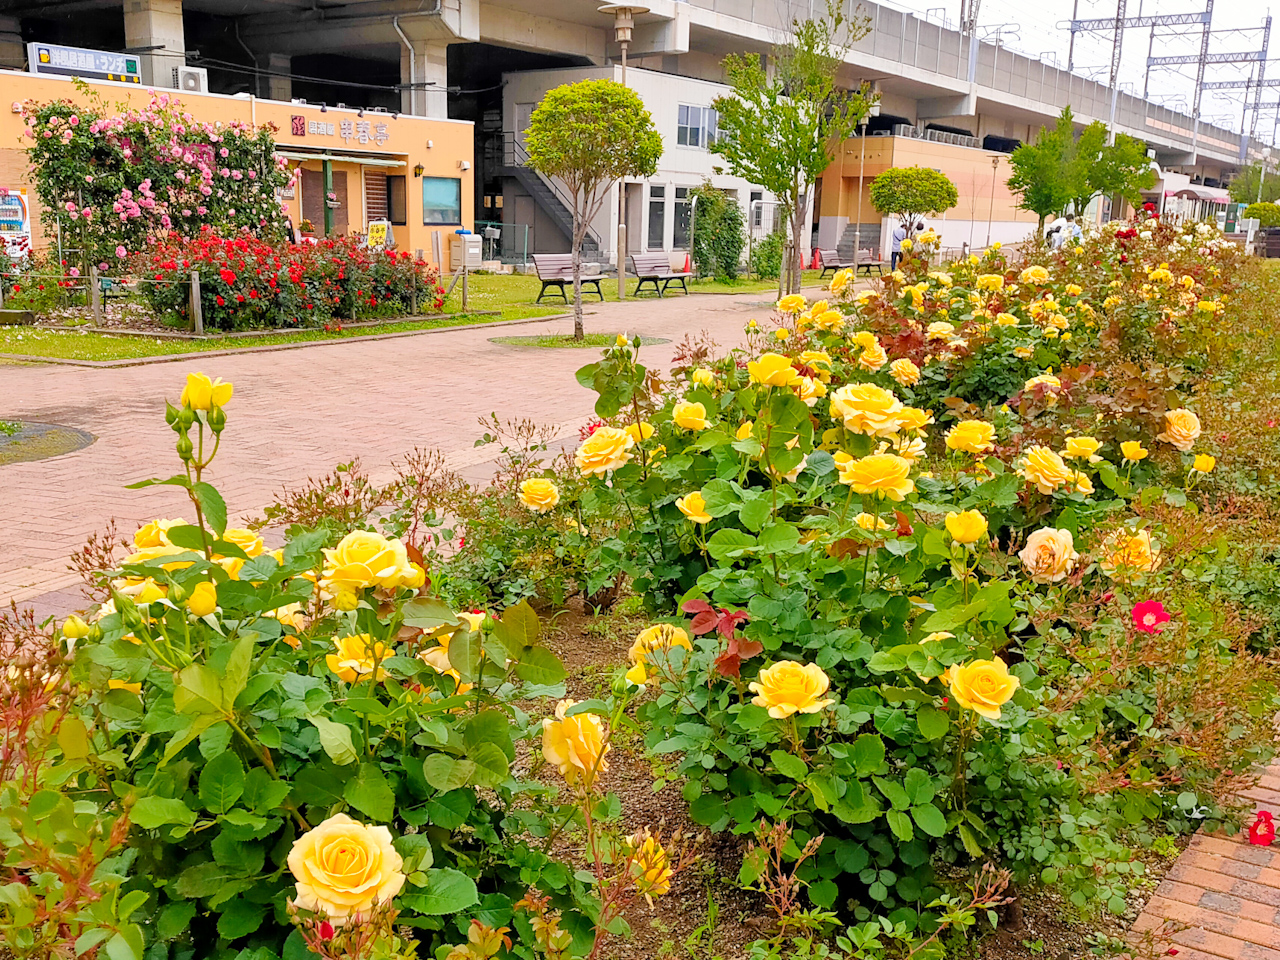 与野本町駅前公園には様々な色のバラが咲いています